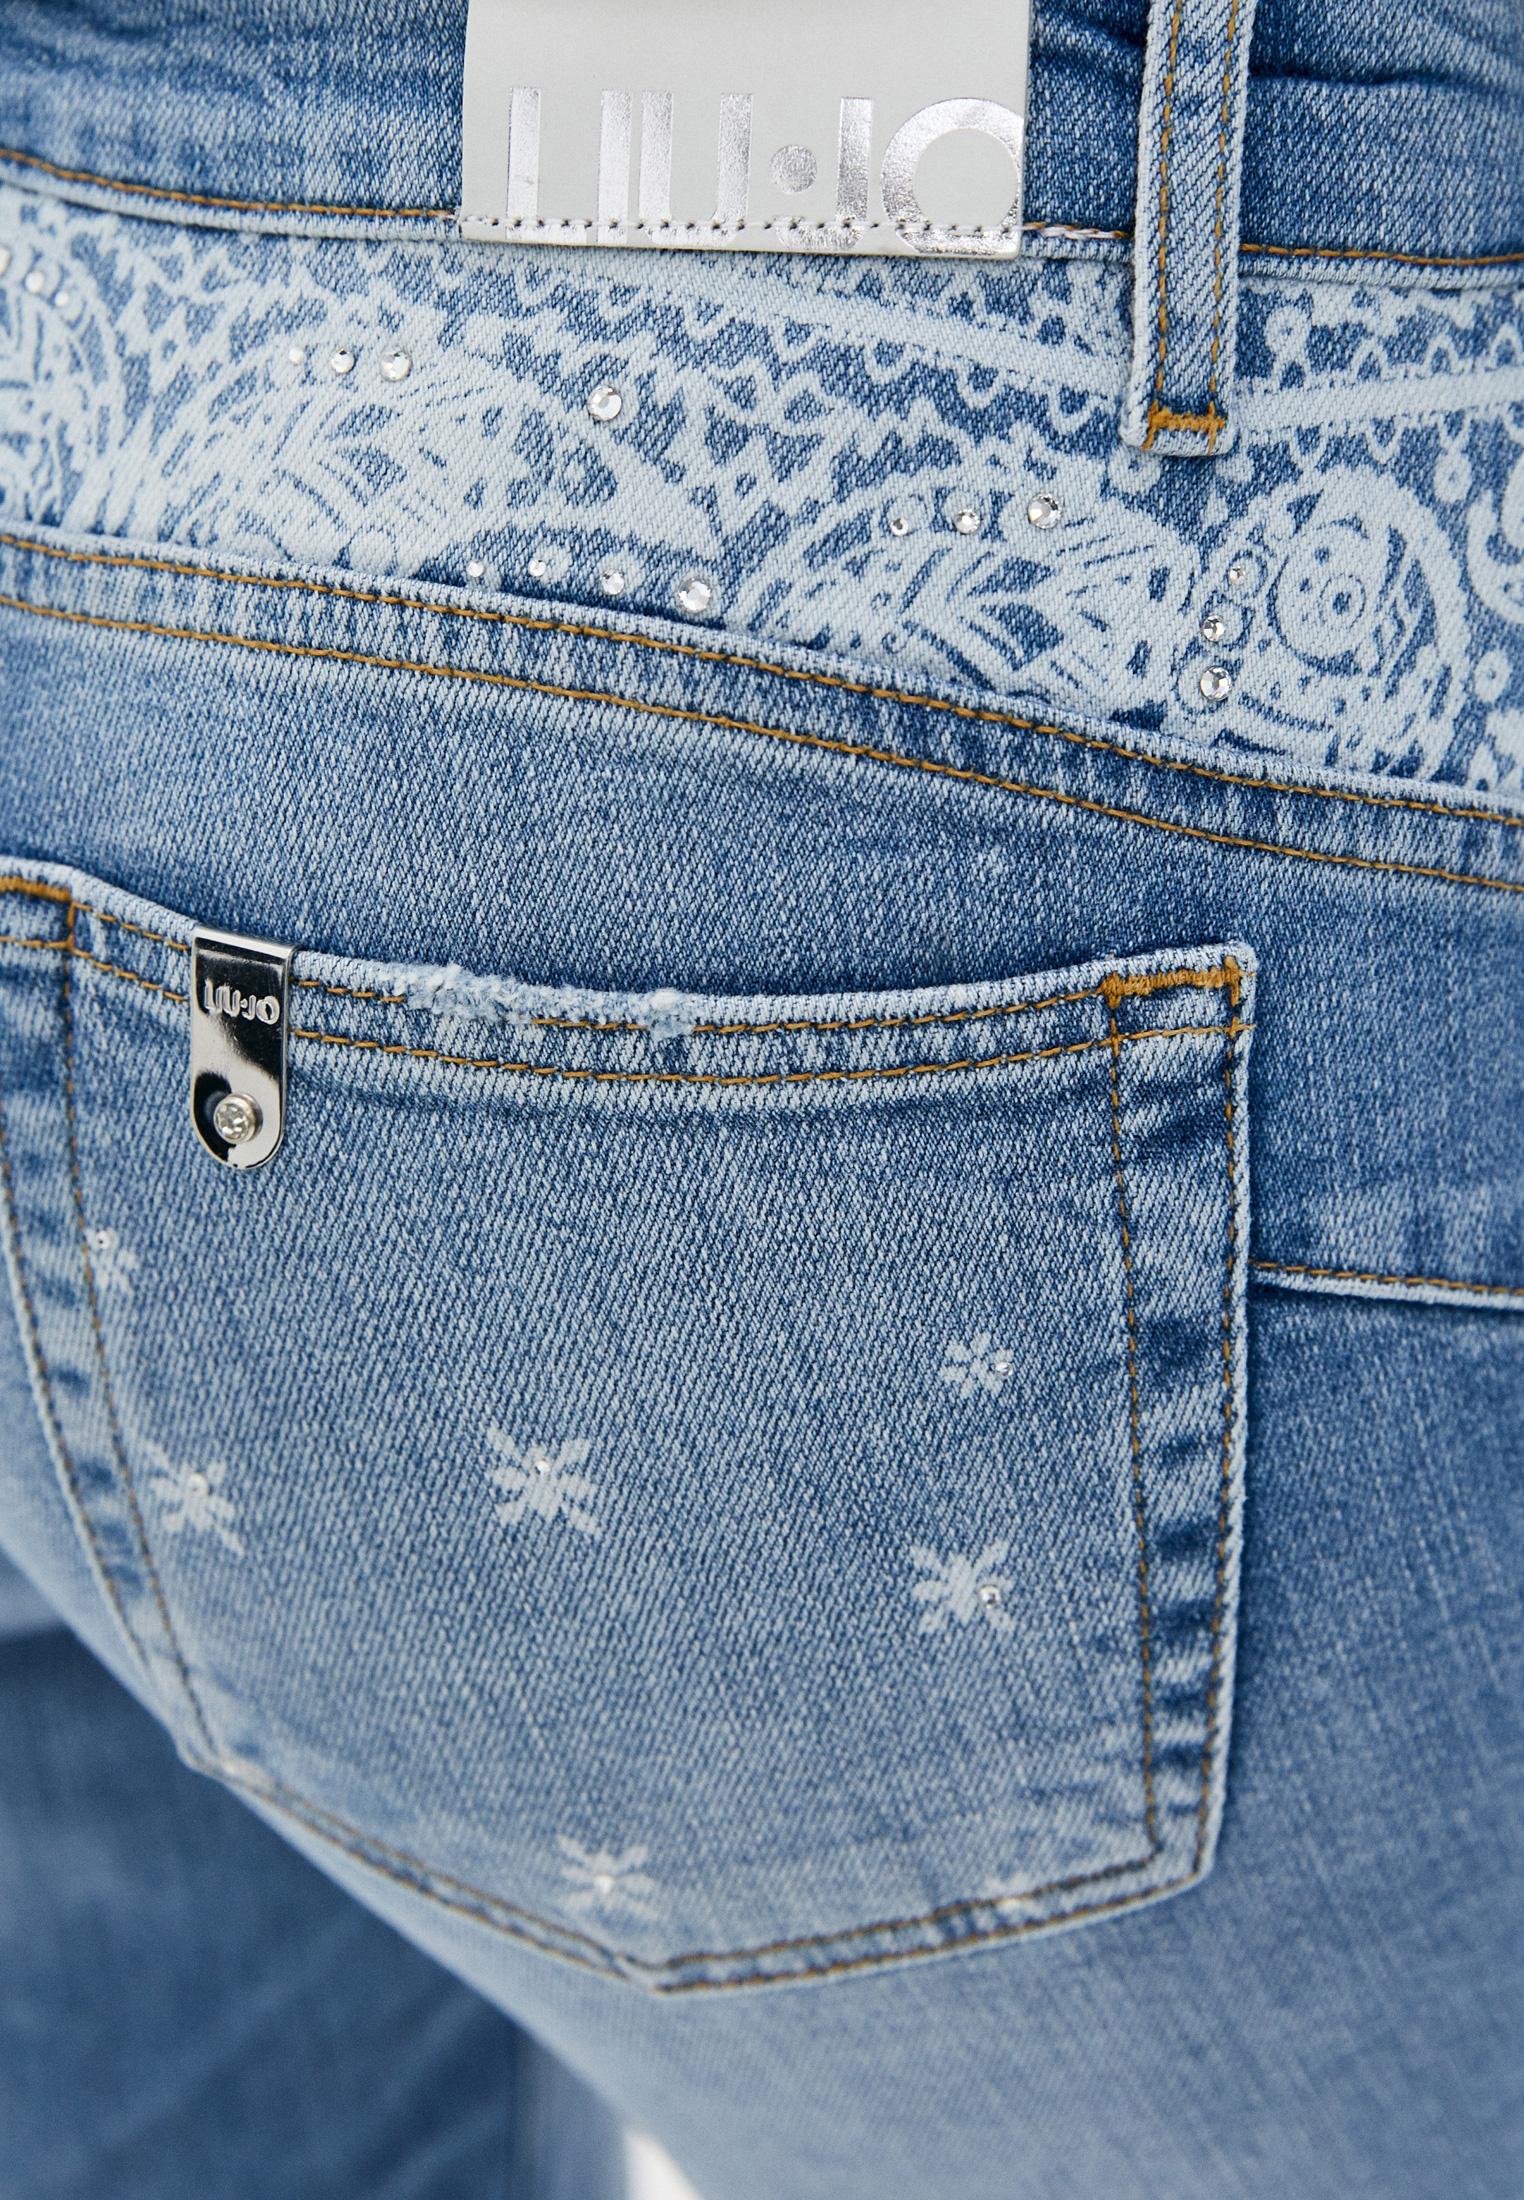 Зауженные джинсы Liu Jo (Лиу Джо) UA1034 D4588: изображение 5